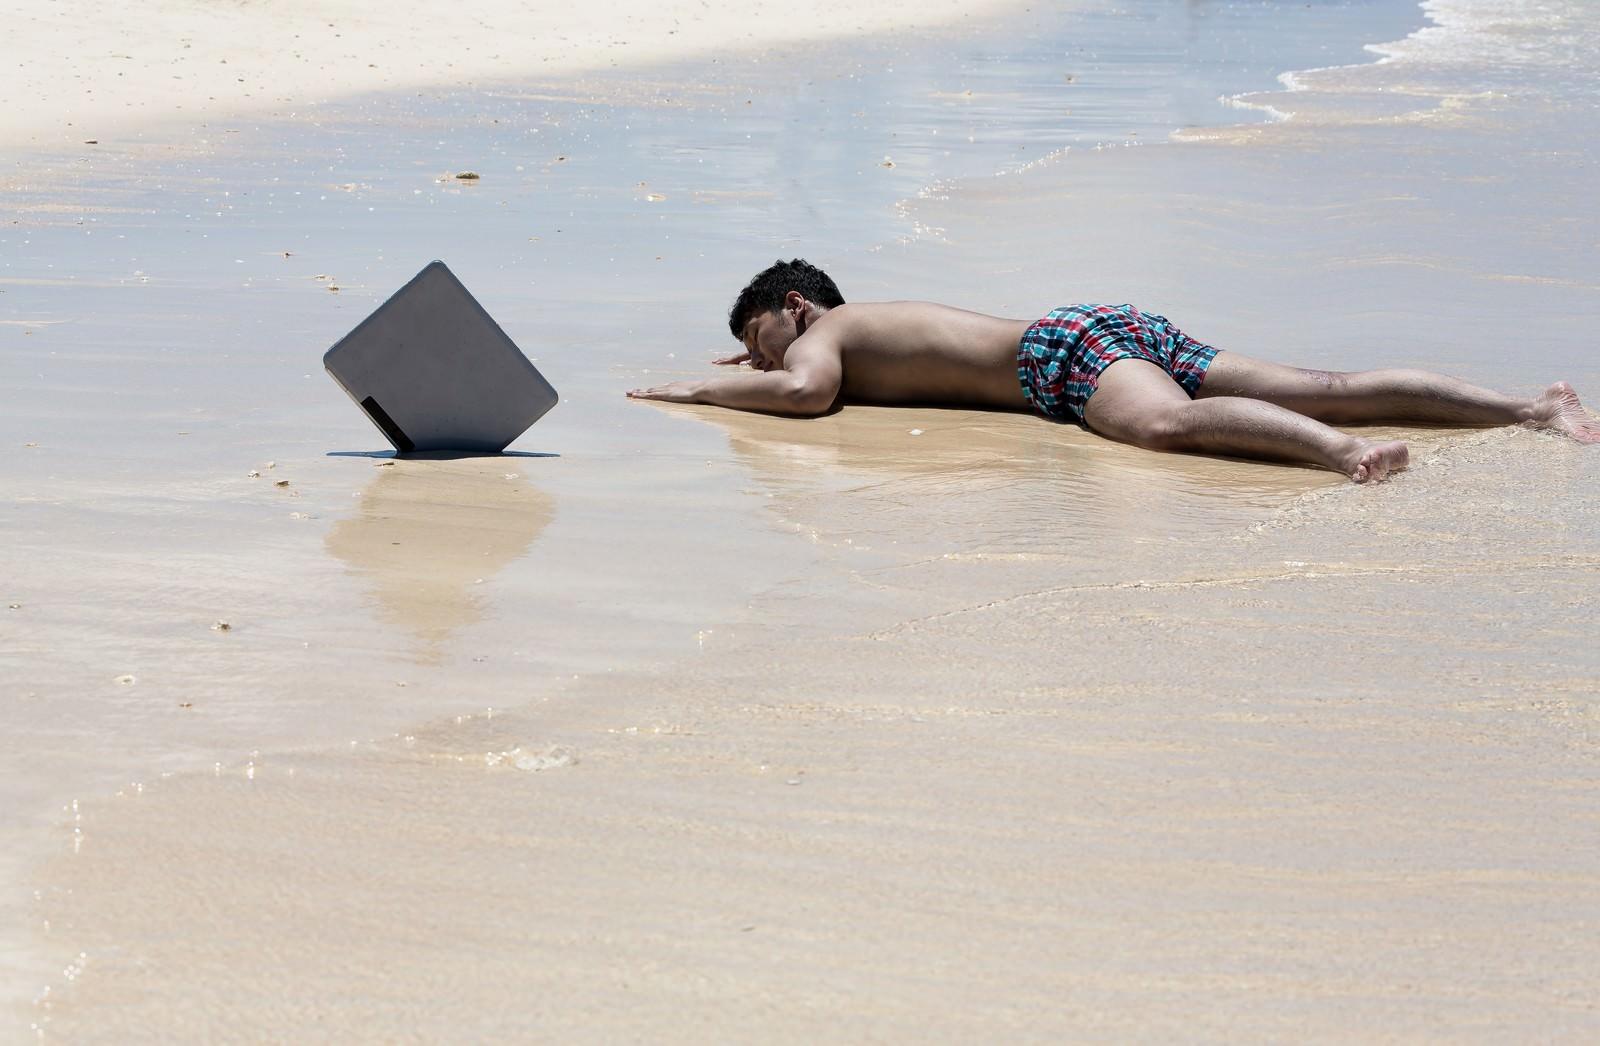 「納期に追われ一週間ほど漂流した後、砂浜に打ち上げられたノマドワーカー」の写真[モデル:大川竜弥]